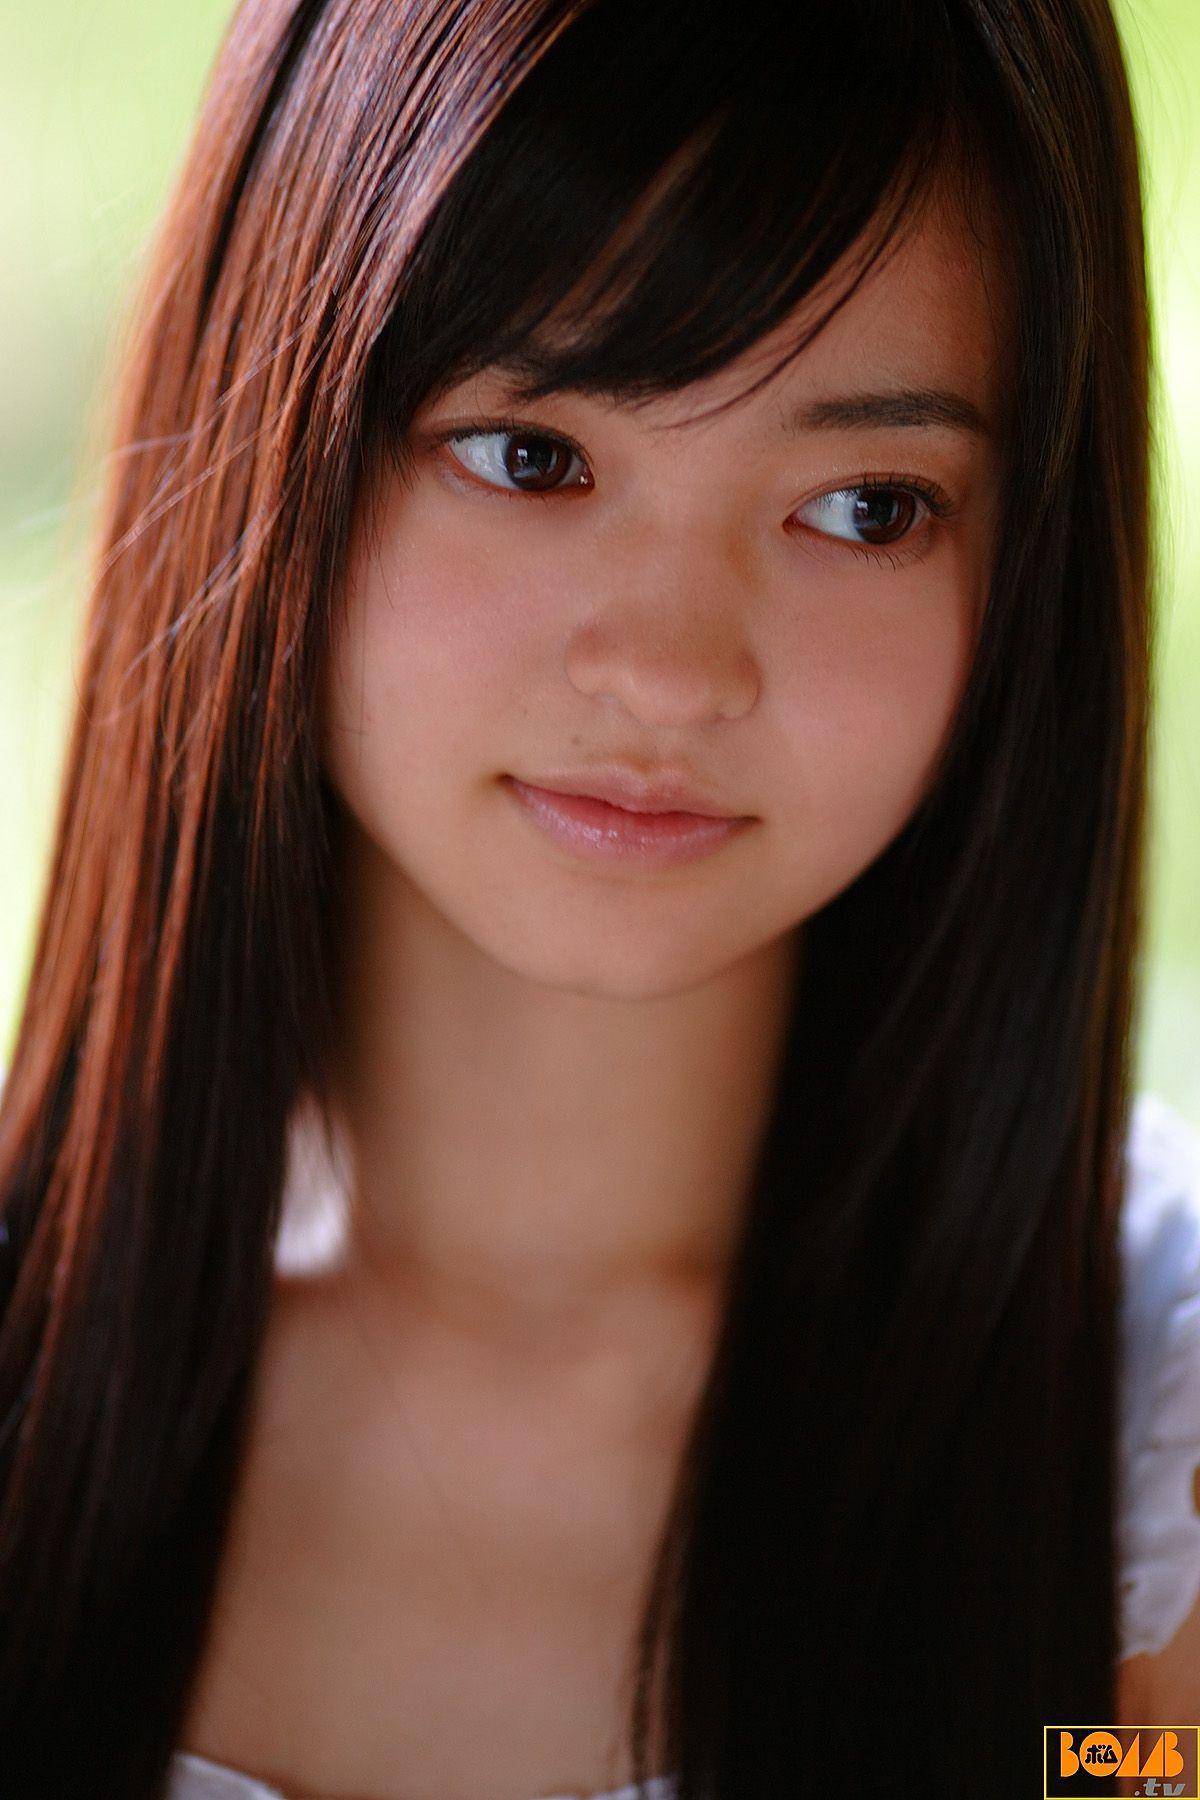 涼子 小林 小林涼子は現在結婚してる?元カレは上田竜也って本当?